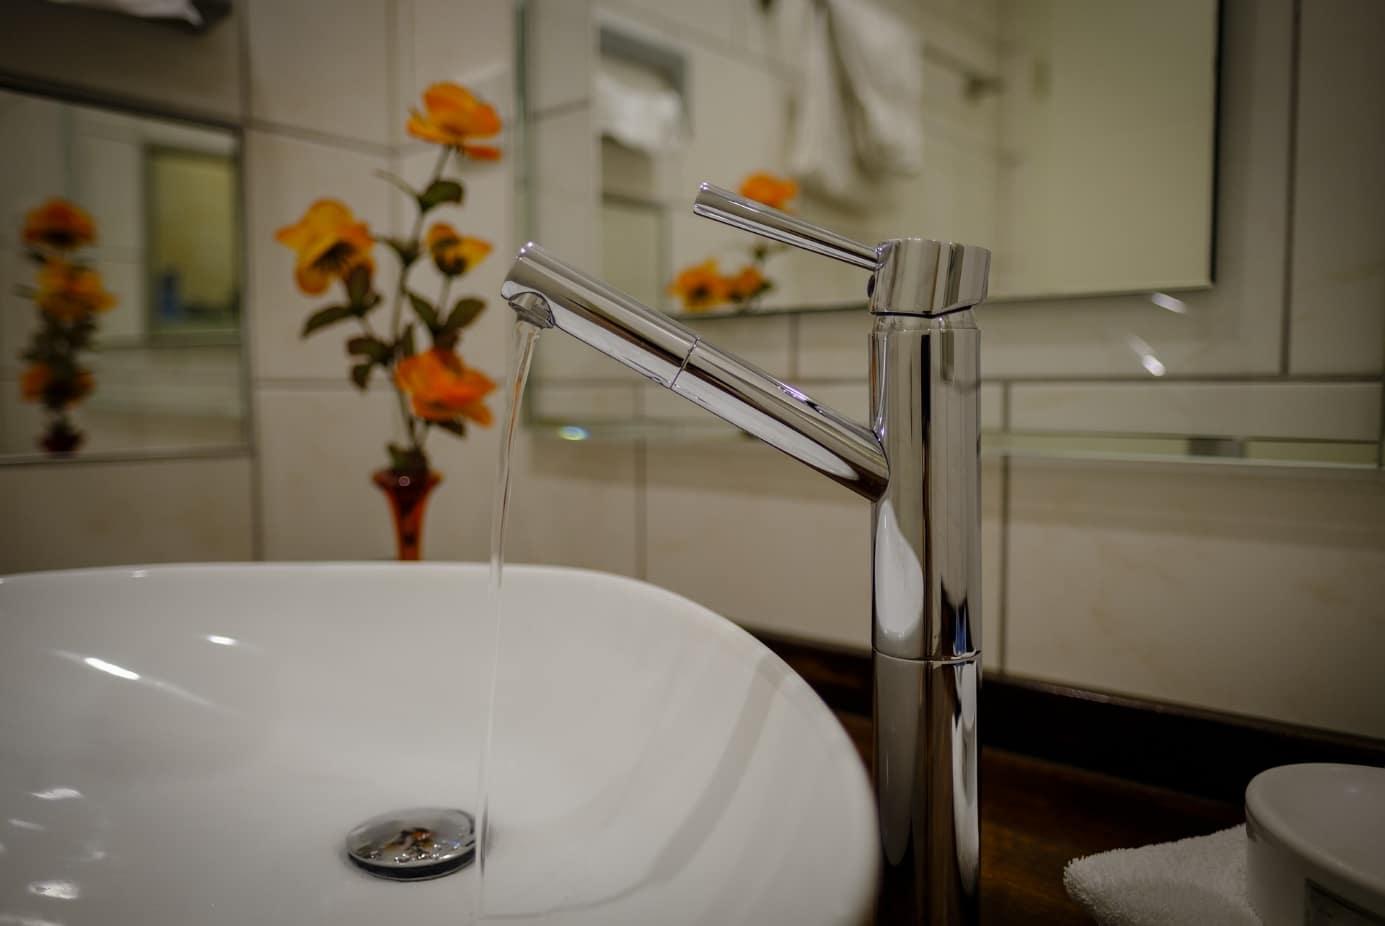 Comment savoir si une canalisation est bouchée ?